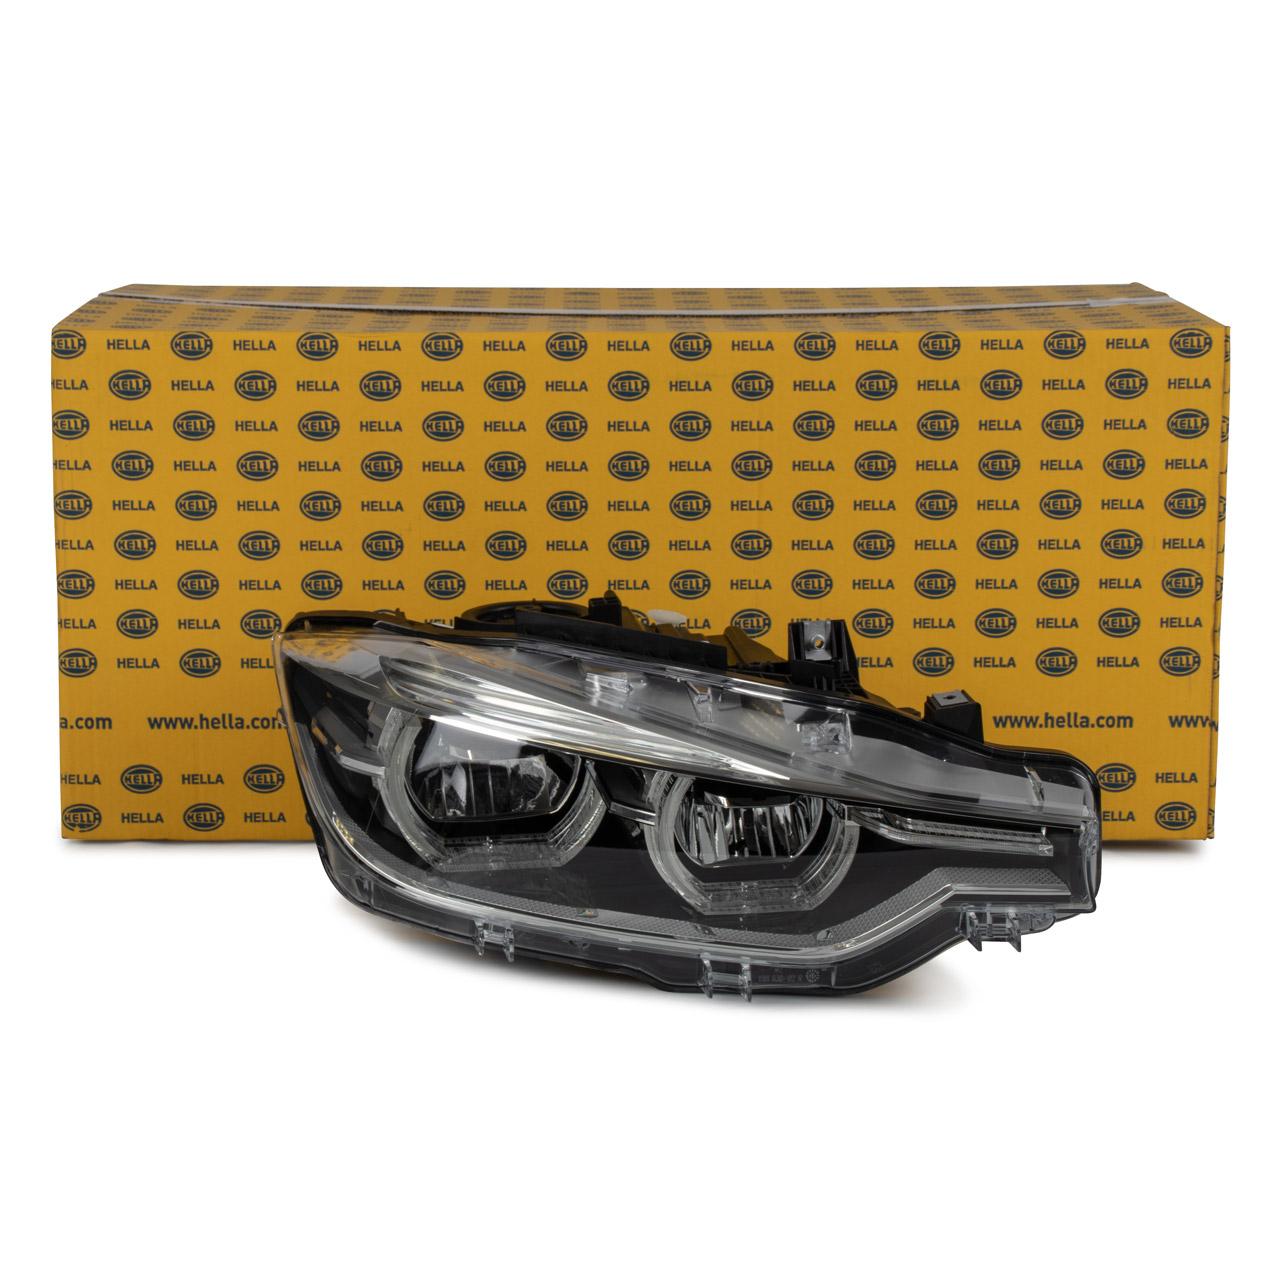 HELLA 1EX012102921 Hauptscheinwerfer + Stellmotor LED BMW 3er F30 F31 F80 rechts